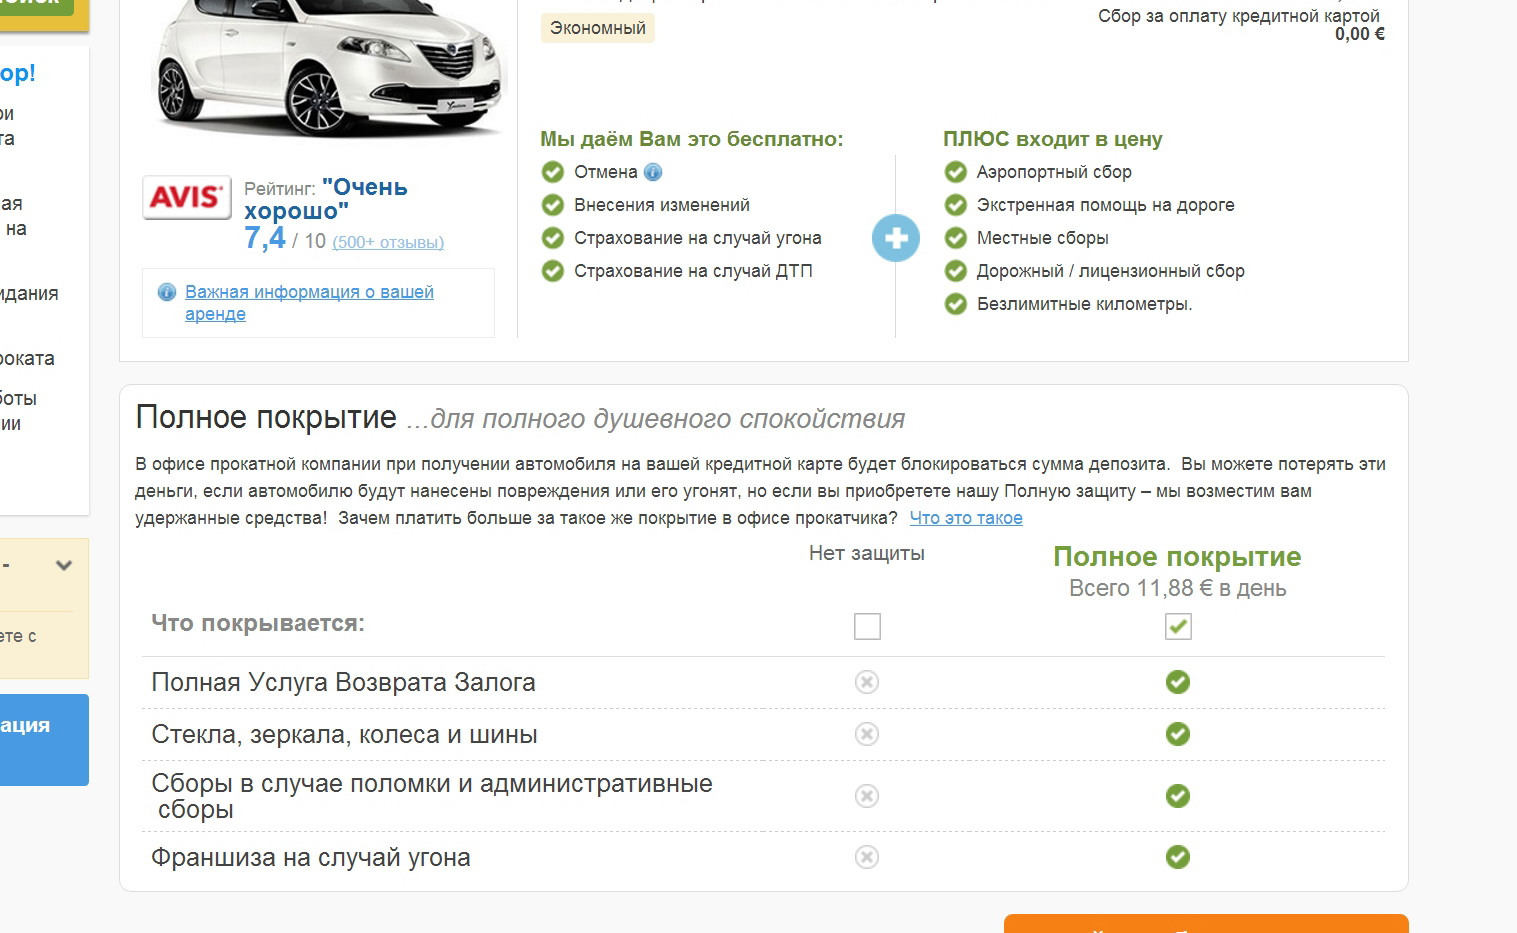 Авто и деньги отзывы форум москва аренда машин для работы без залога